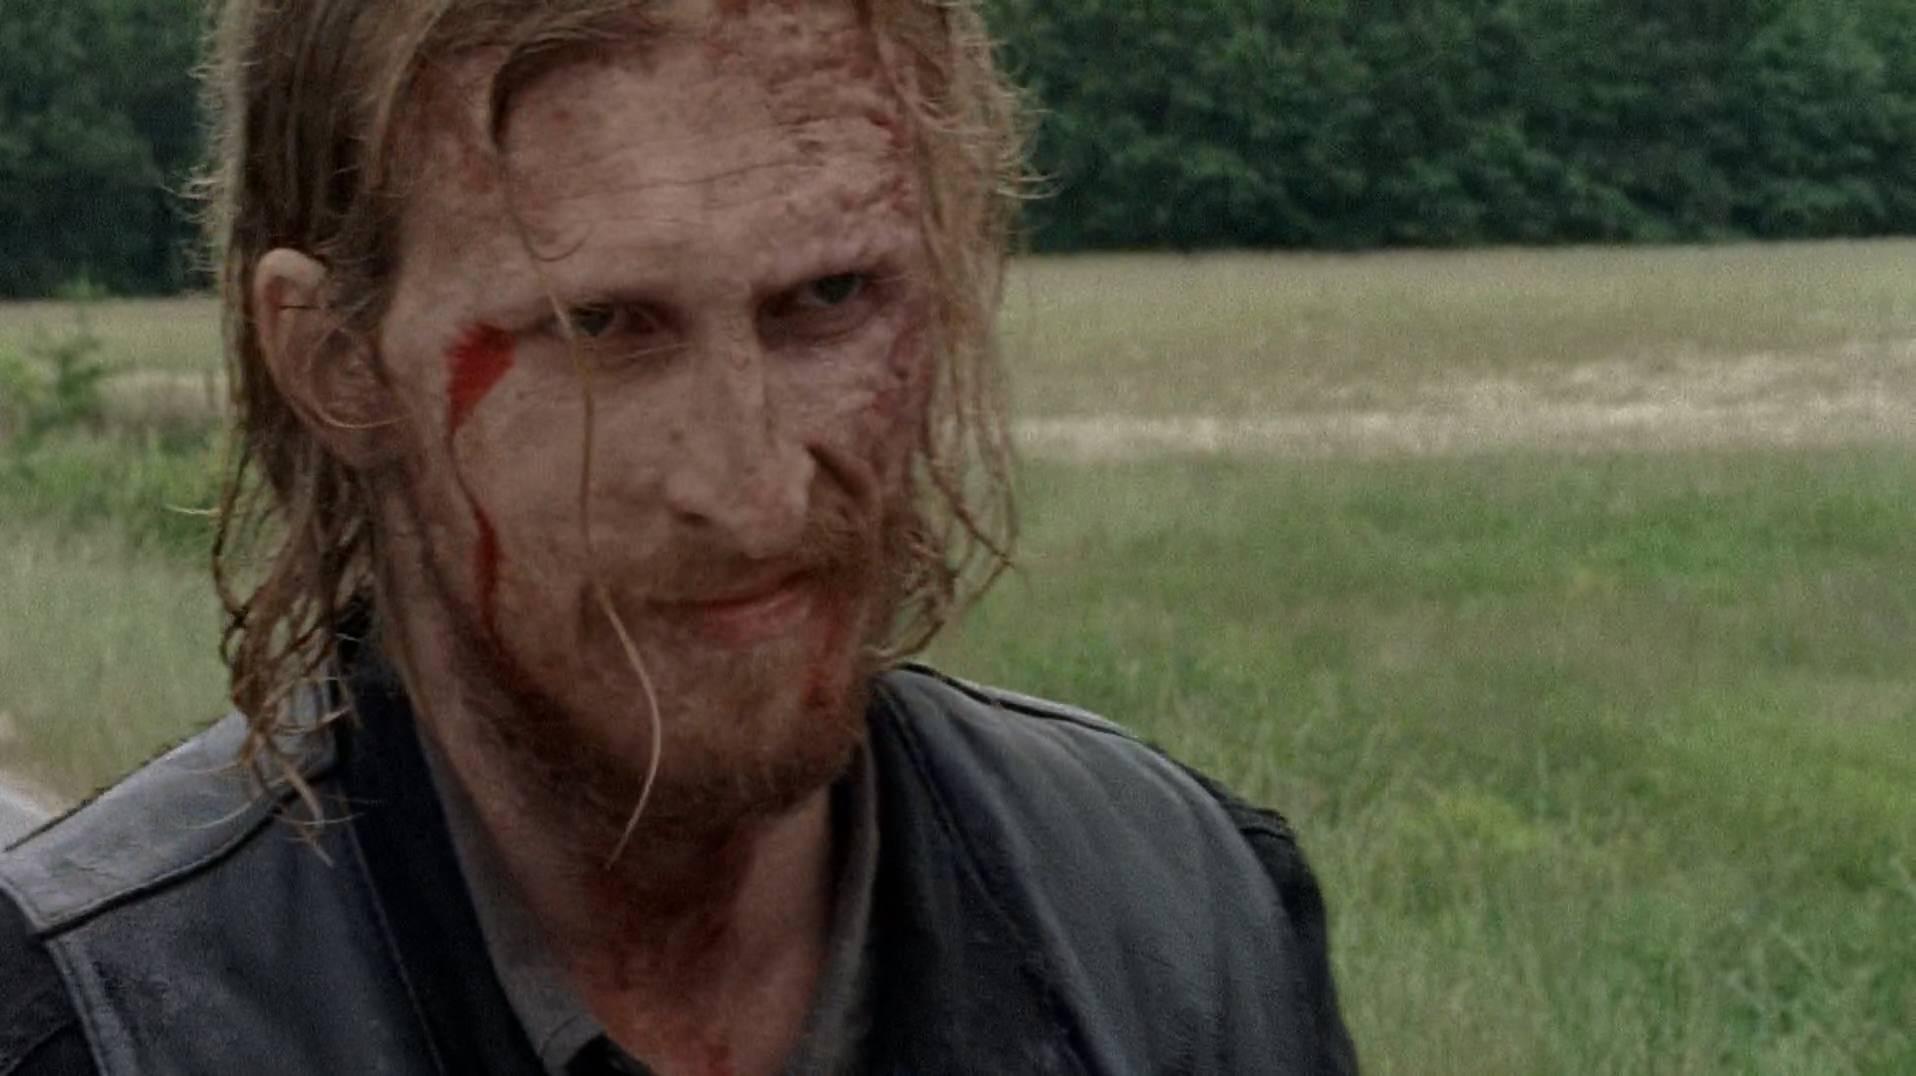 The Walking Dead Dwight